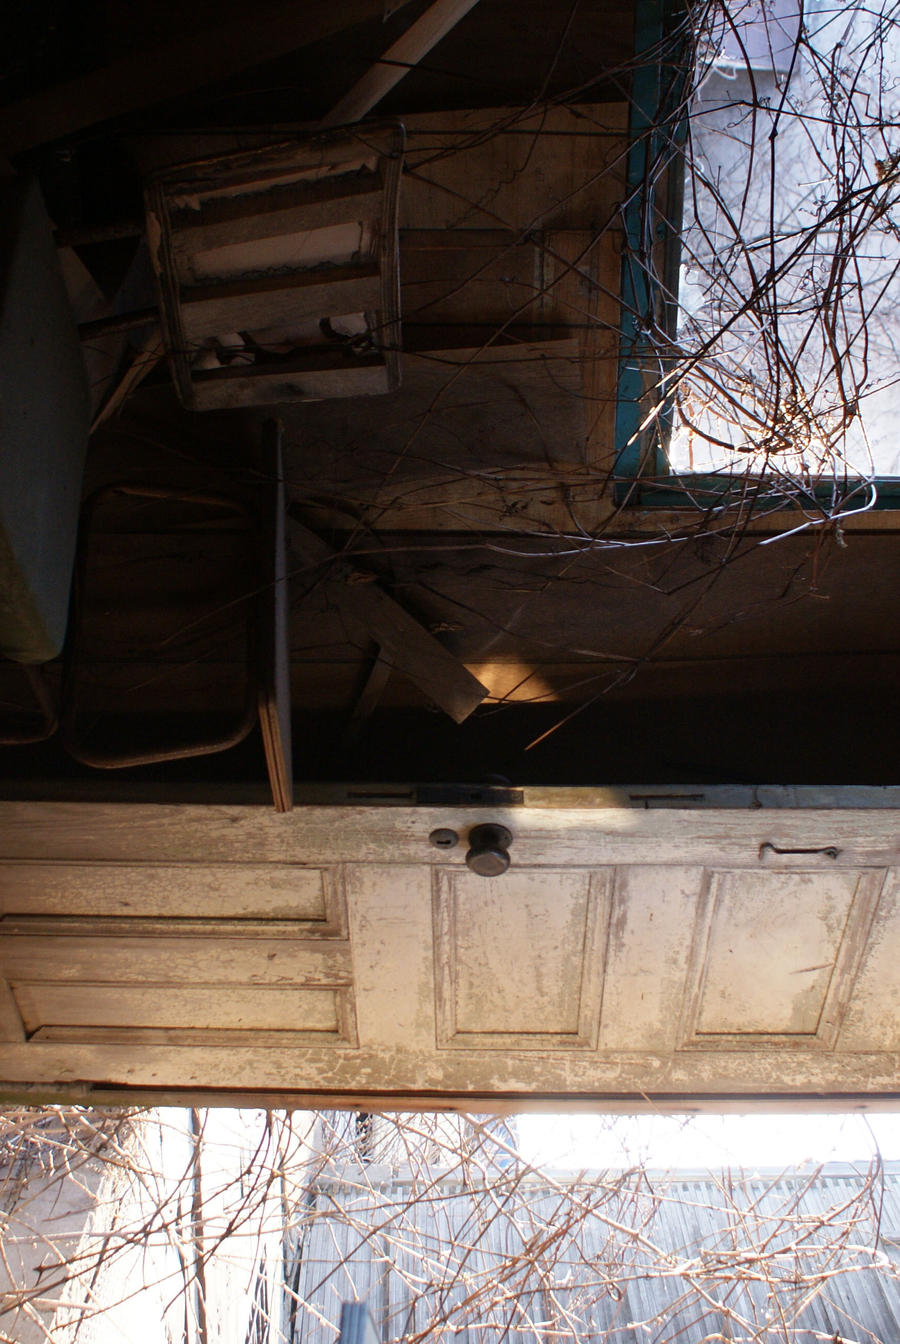 Barn Stock 23 by kuskostock